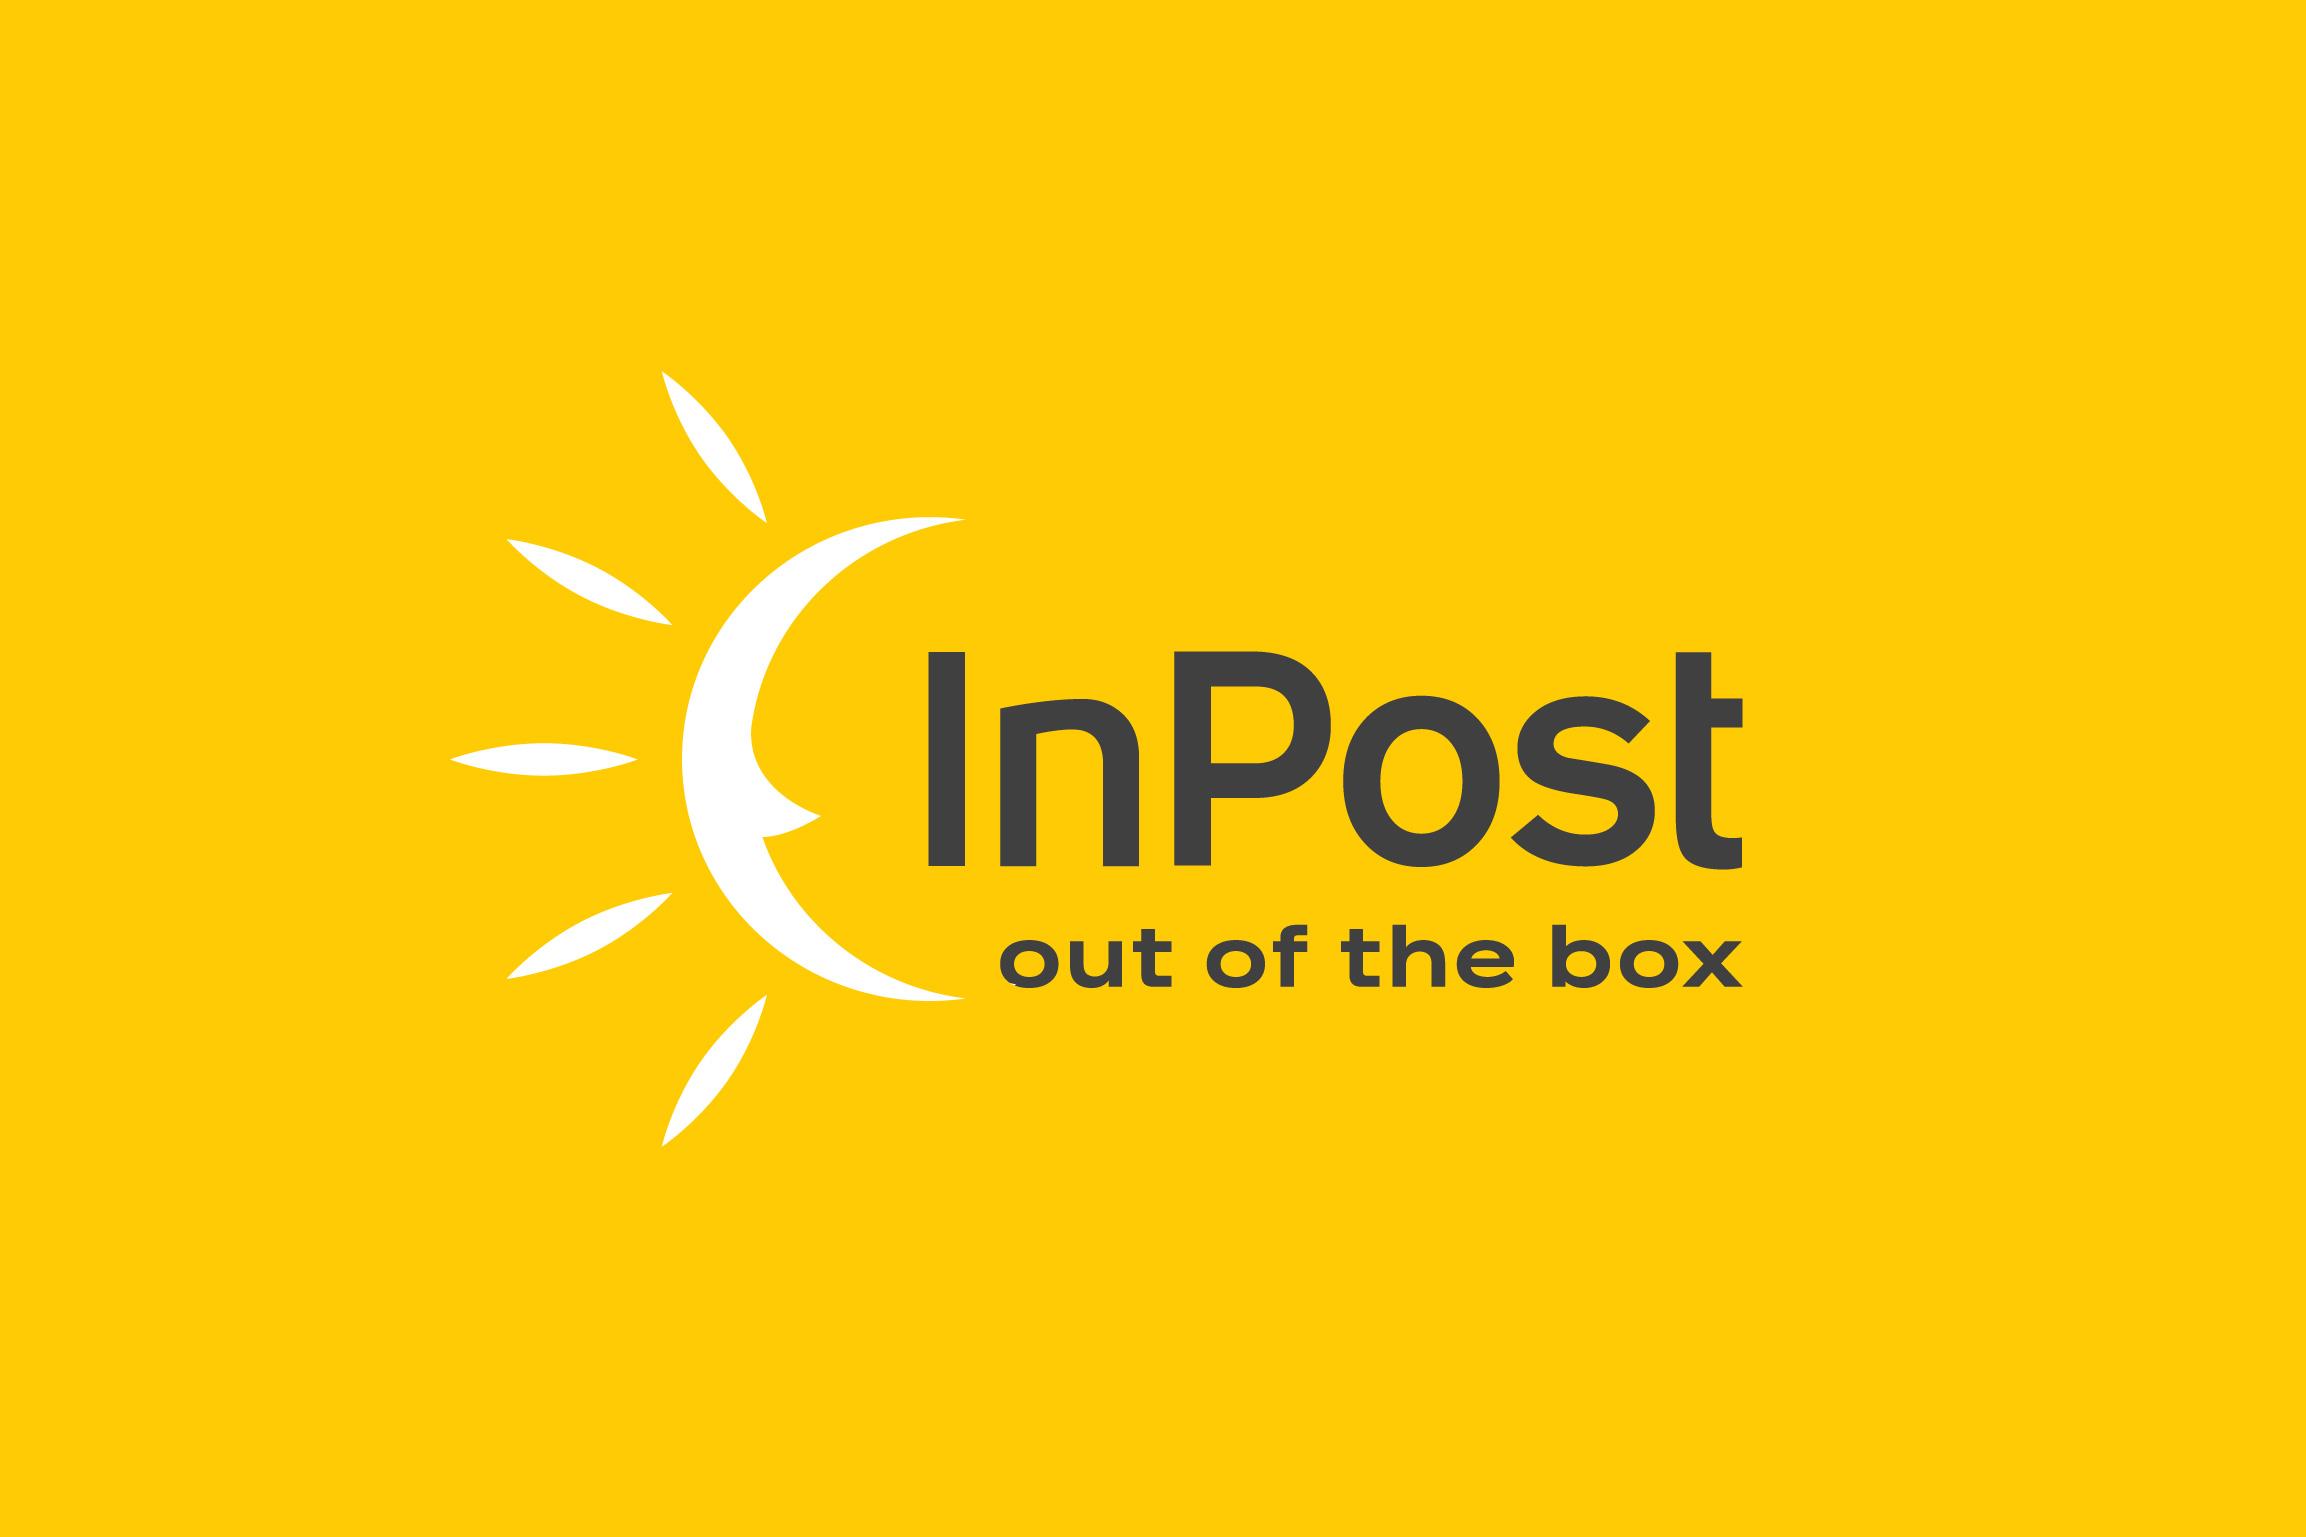 Paczkomatów InPost